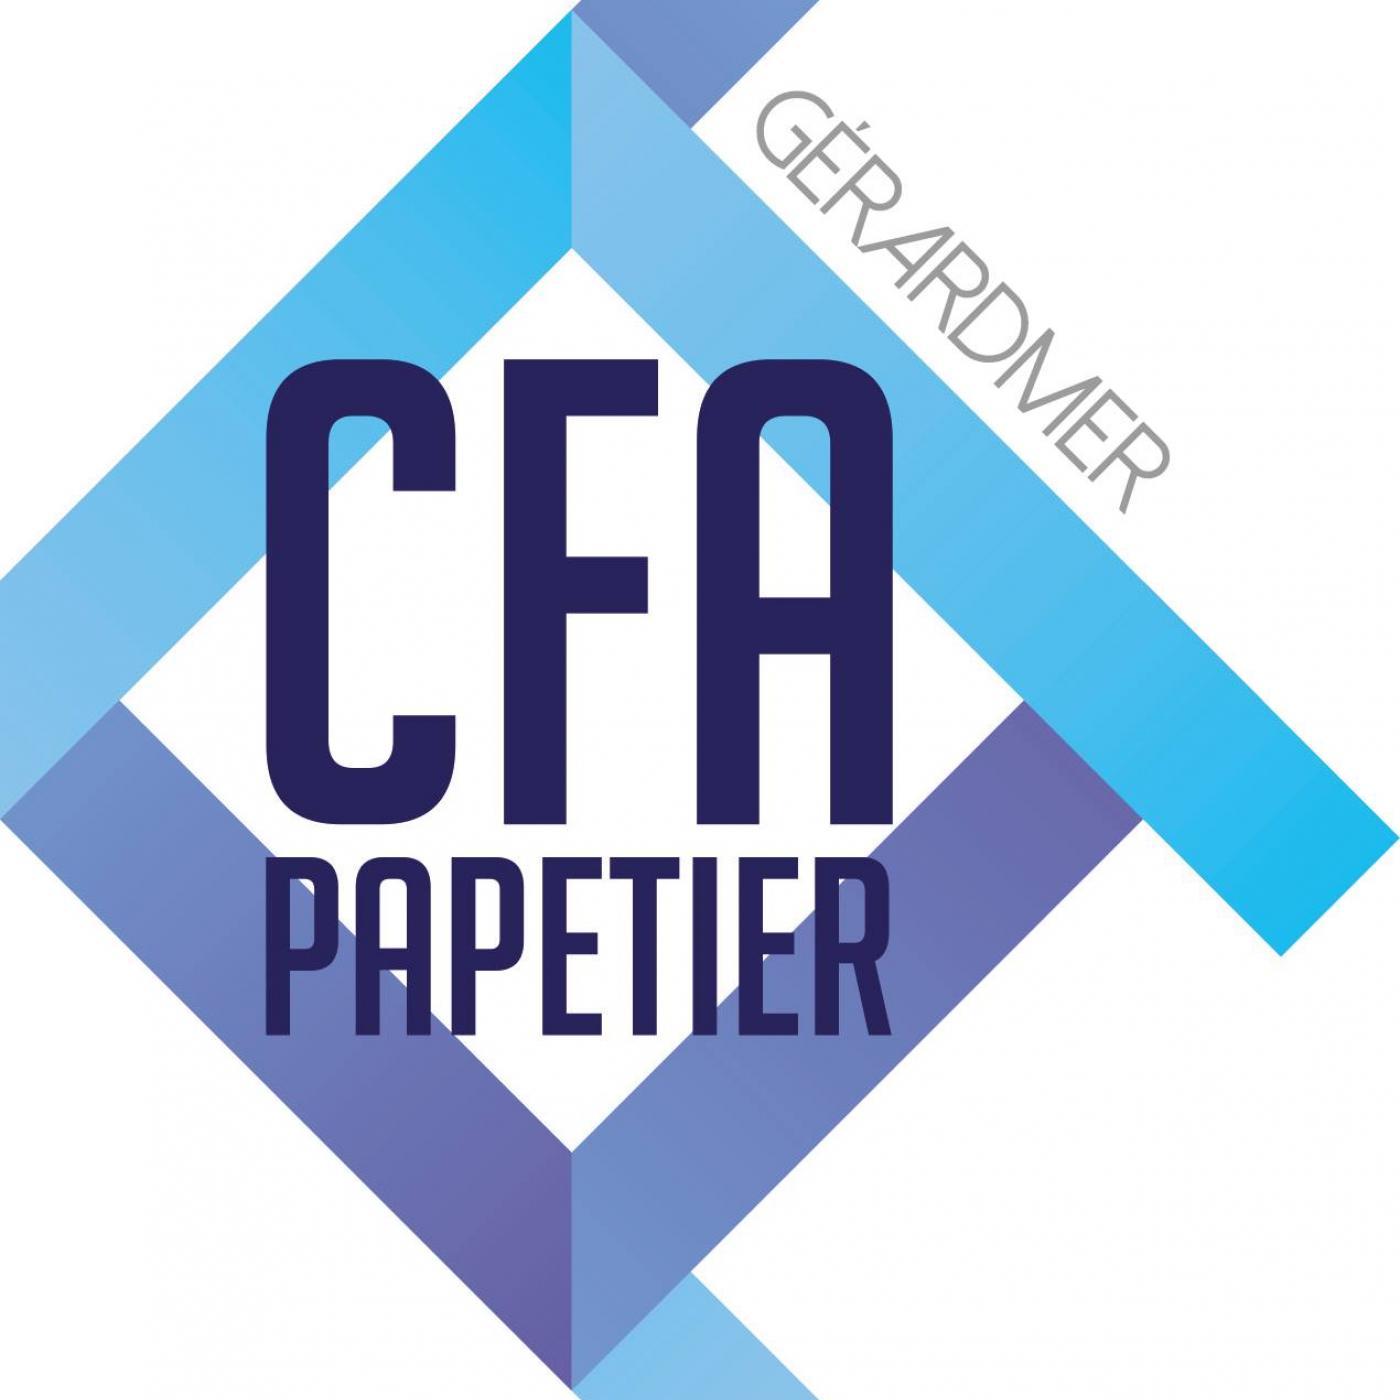 Education : Les portes ouvertes du CFA papetier c'est samedi !